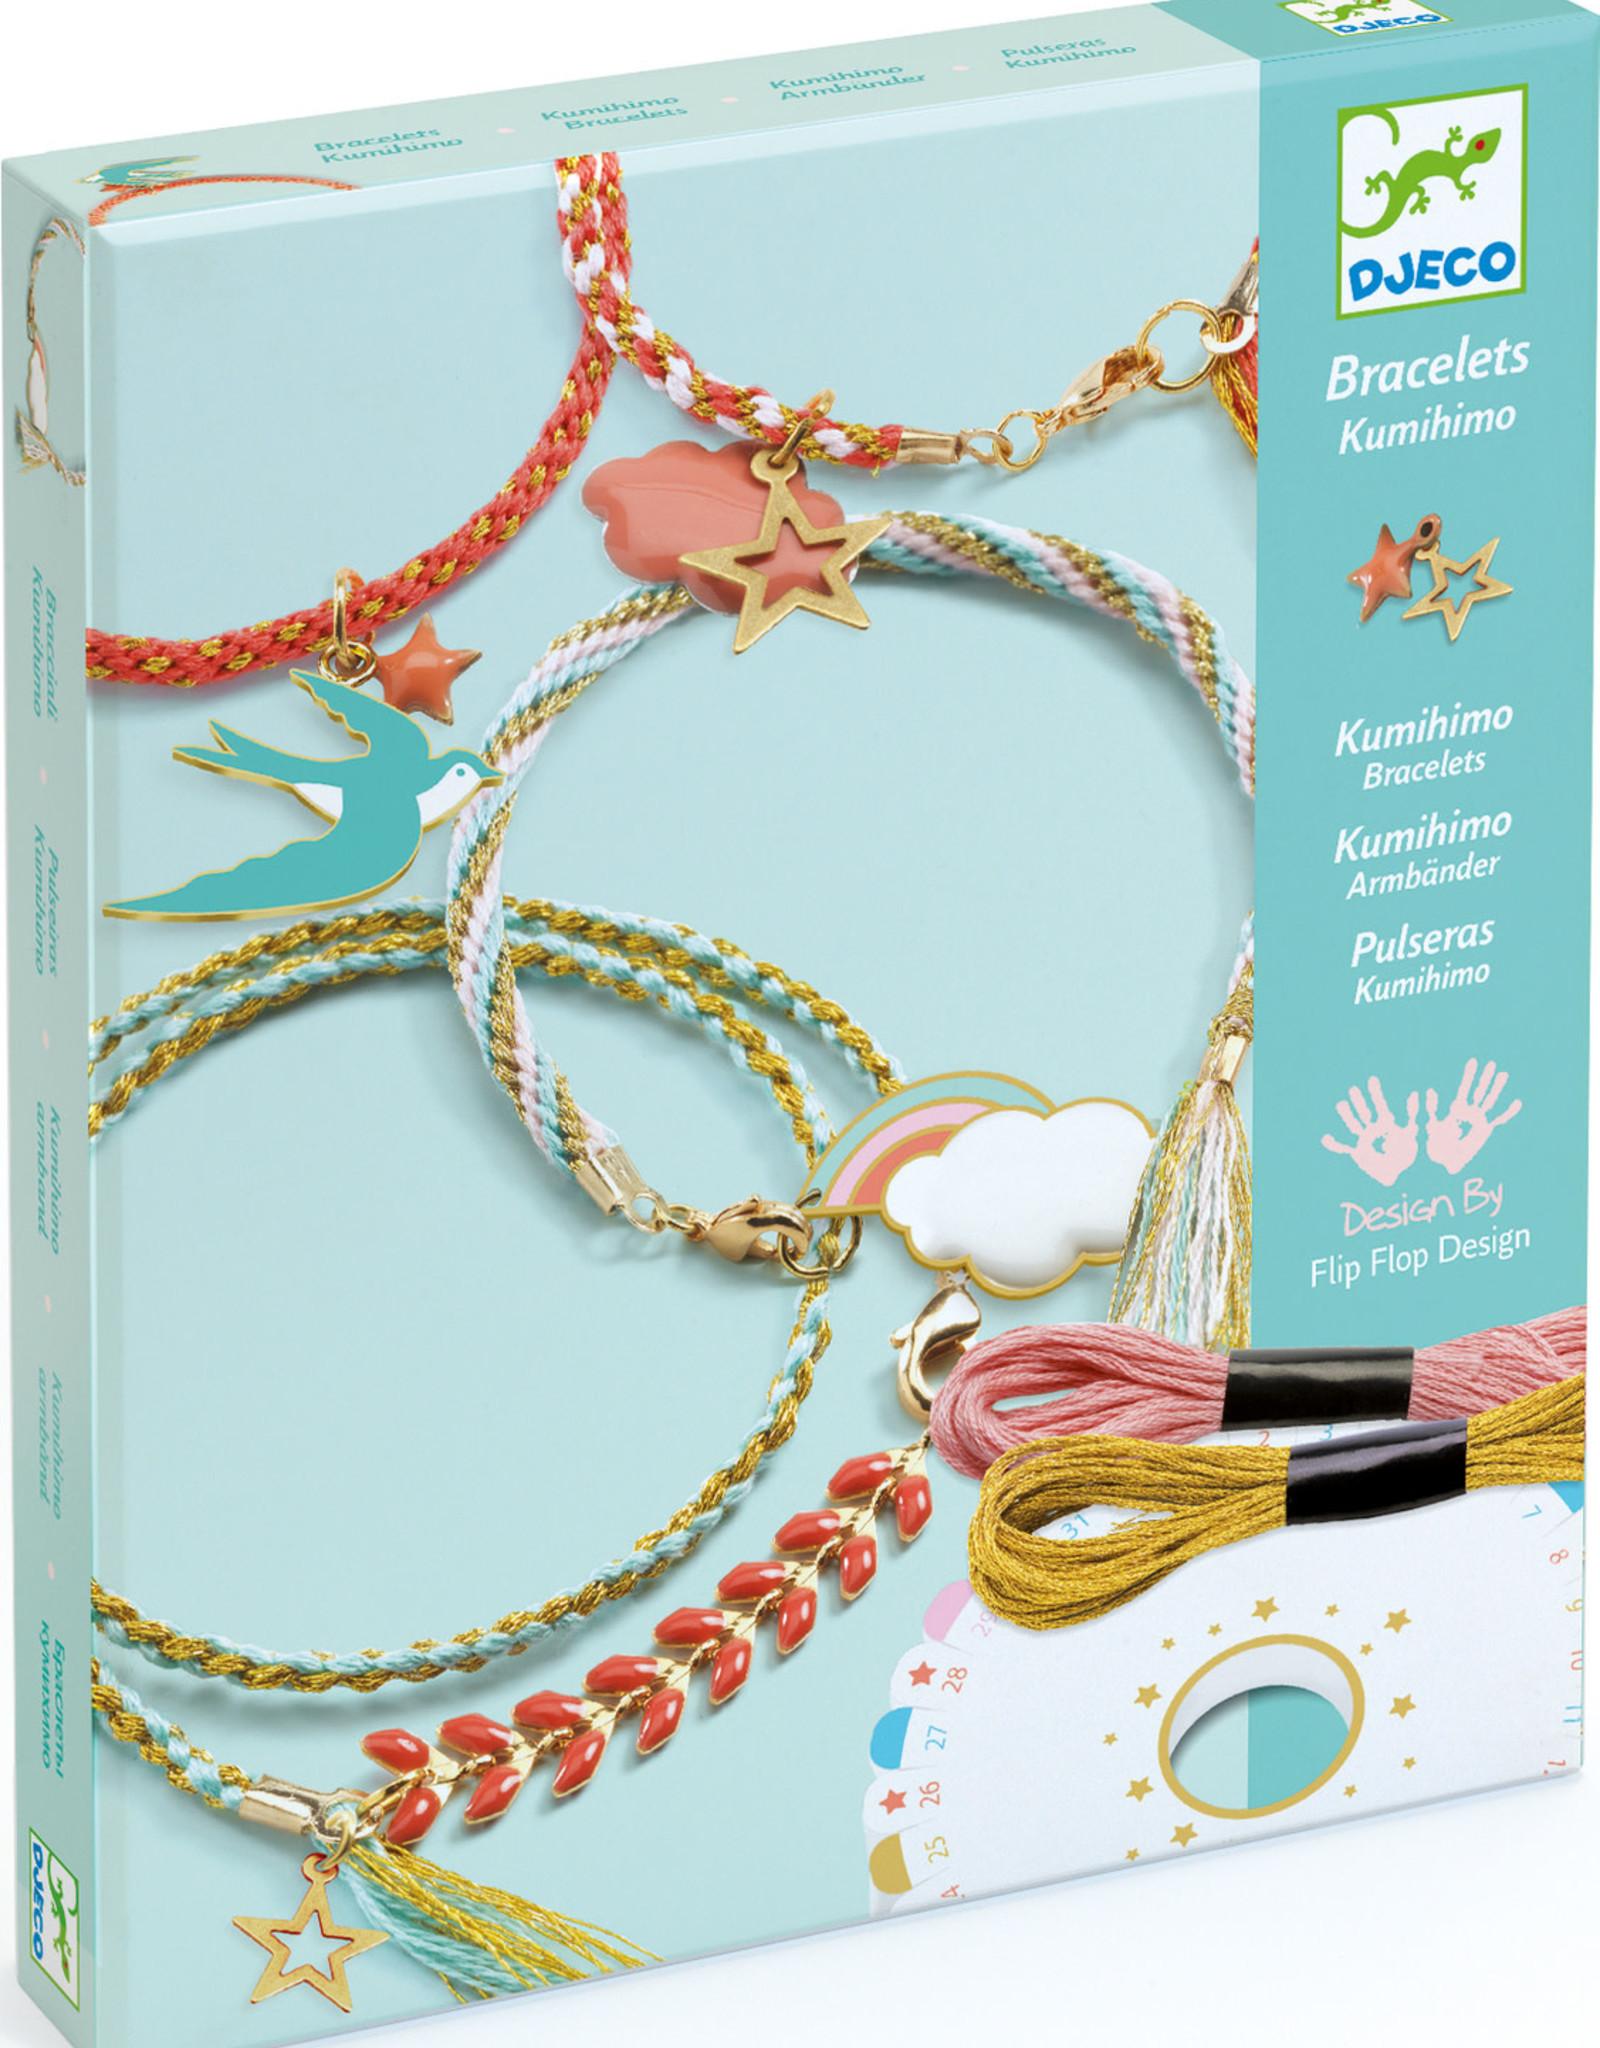 Djeco Craft Kit Celeste Beads Jewelry